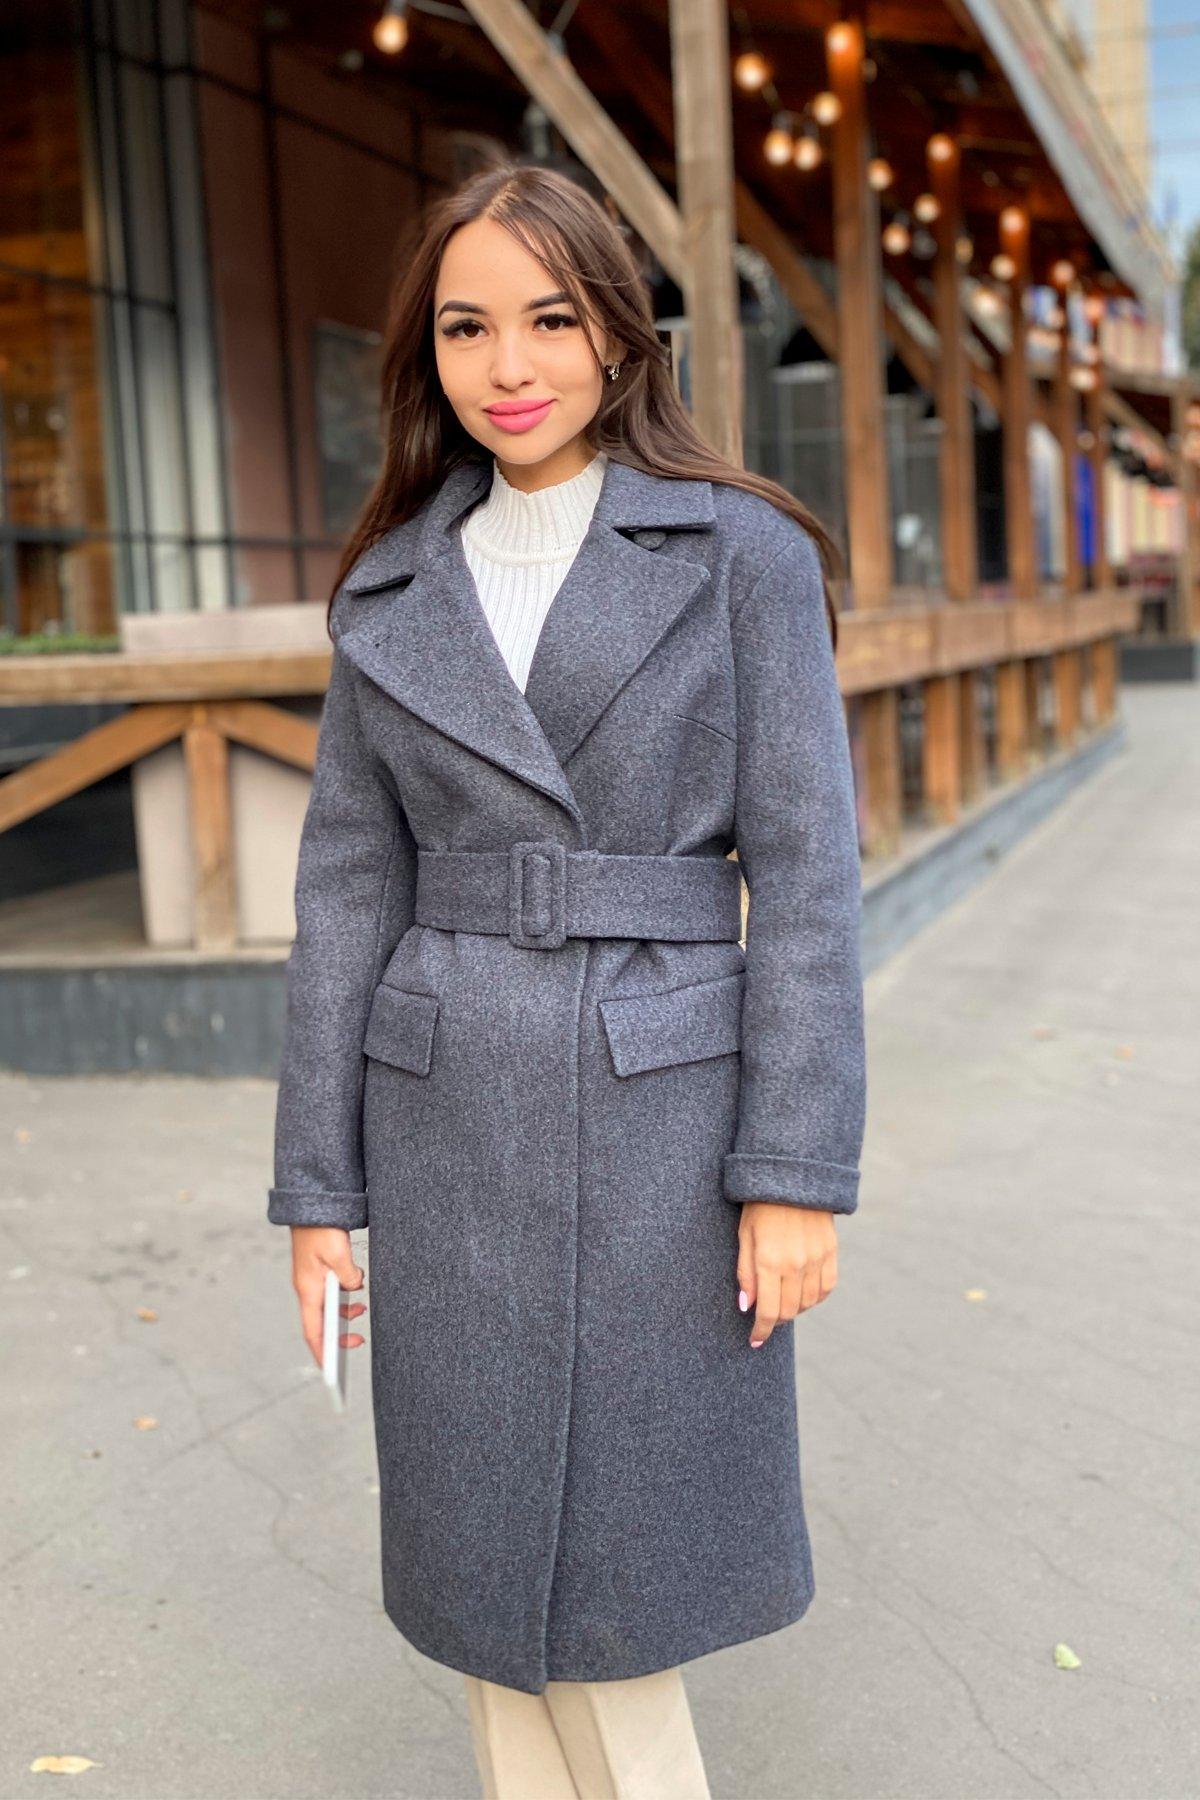 Зимнее пальто с отложным воротником Моле 8085 АРТ. 44036 Цвет: Т.синий 543 - фото 14, интернет магазин tm-modus.ru